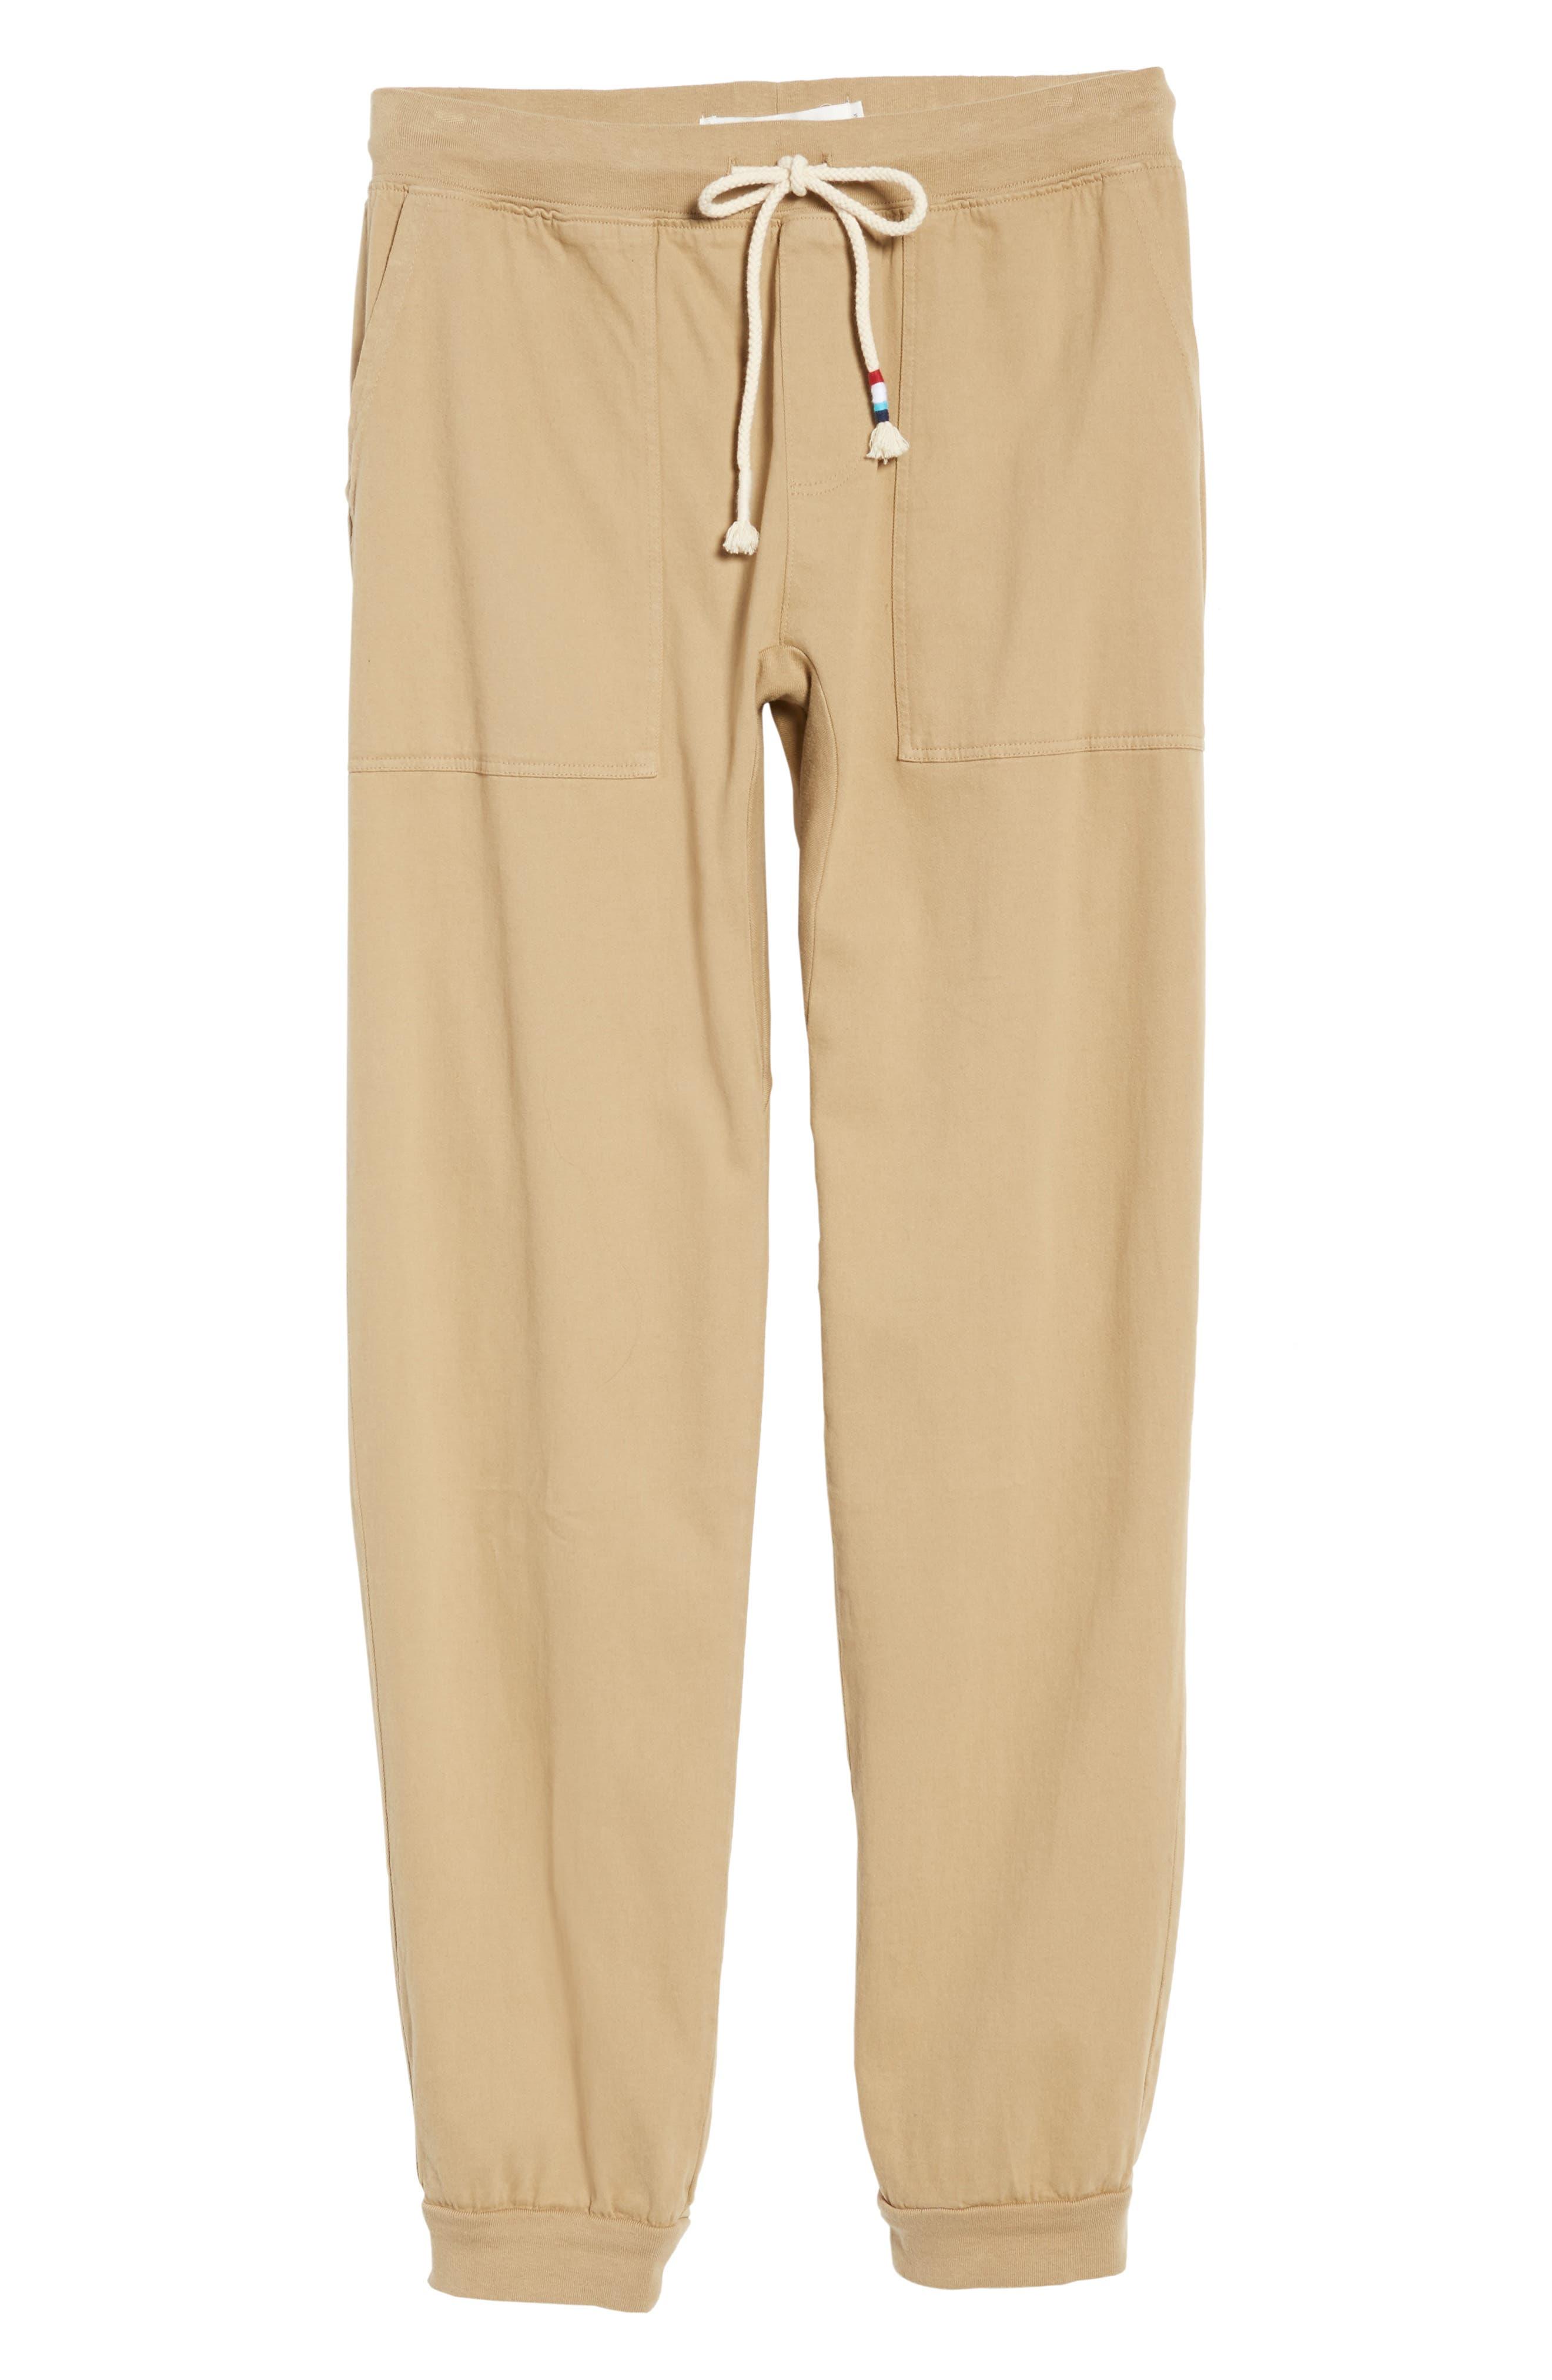 Essential Twill Jogger Pants,                             Alternate thumbnail 6, color,                             Khaki